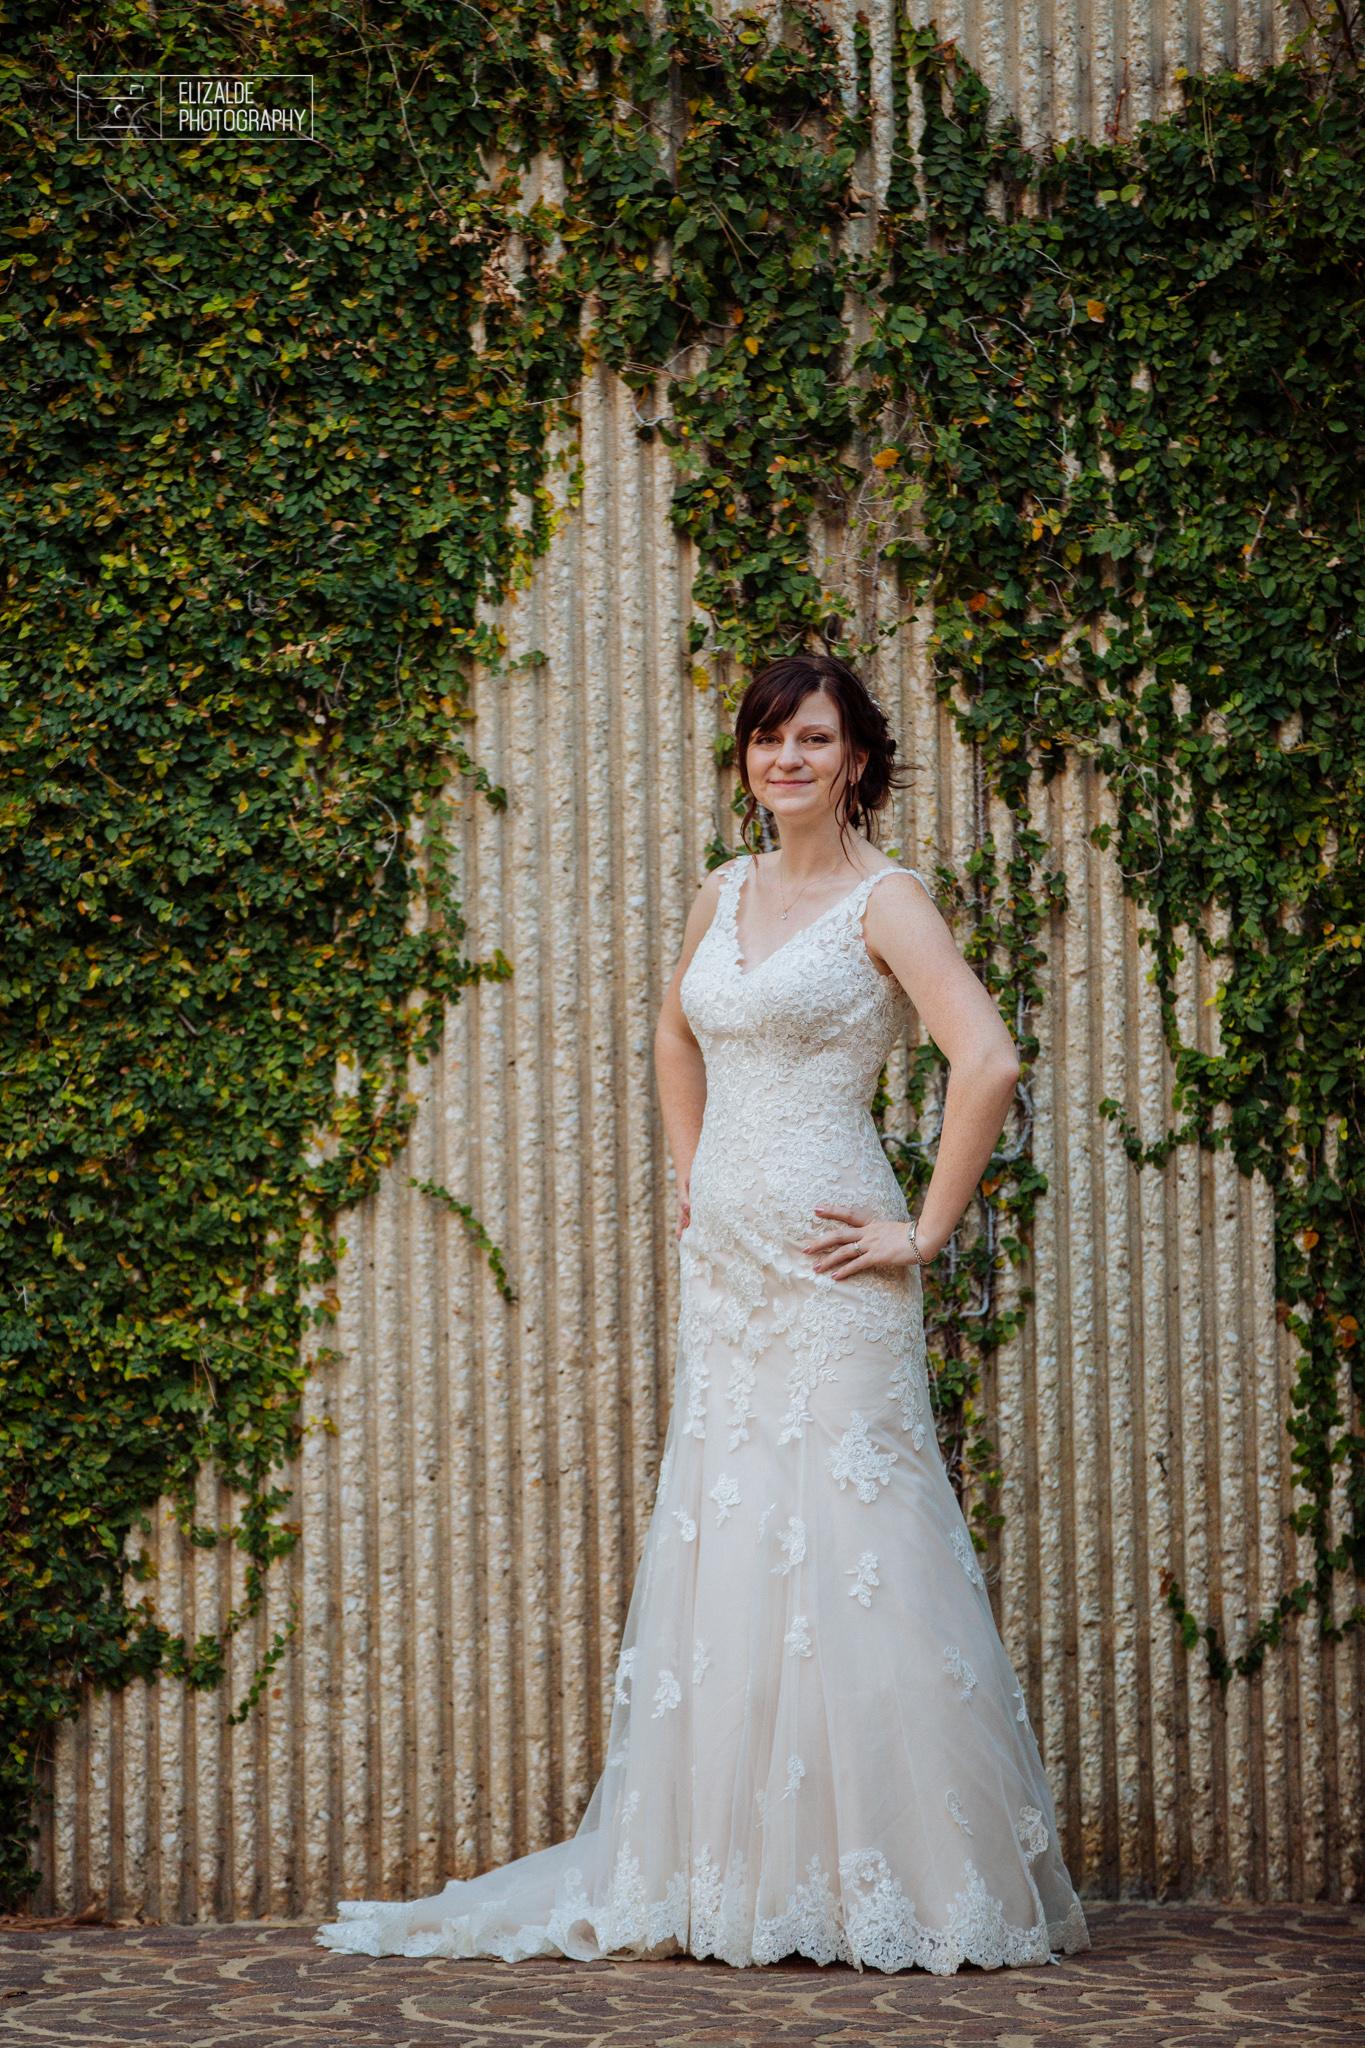 Kelly_Bridals_Omni_DFW_wedding_blog-16.jpg